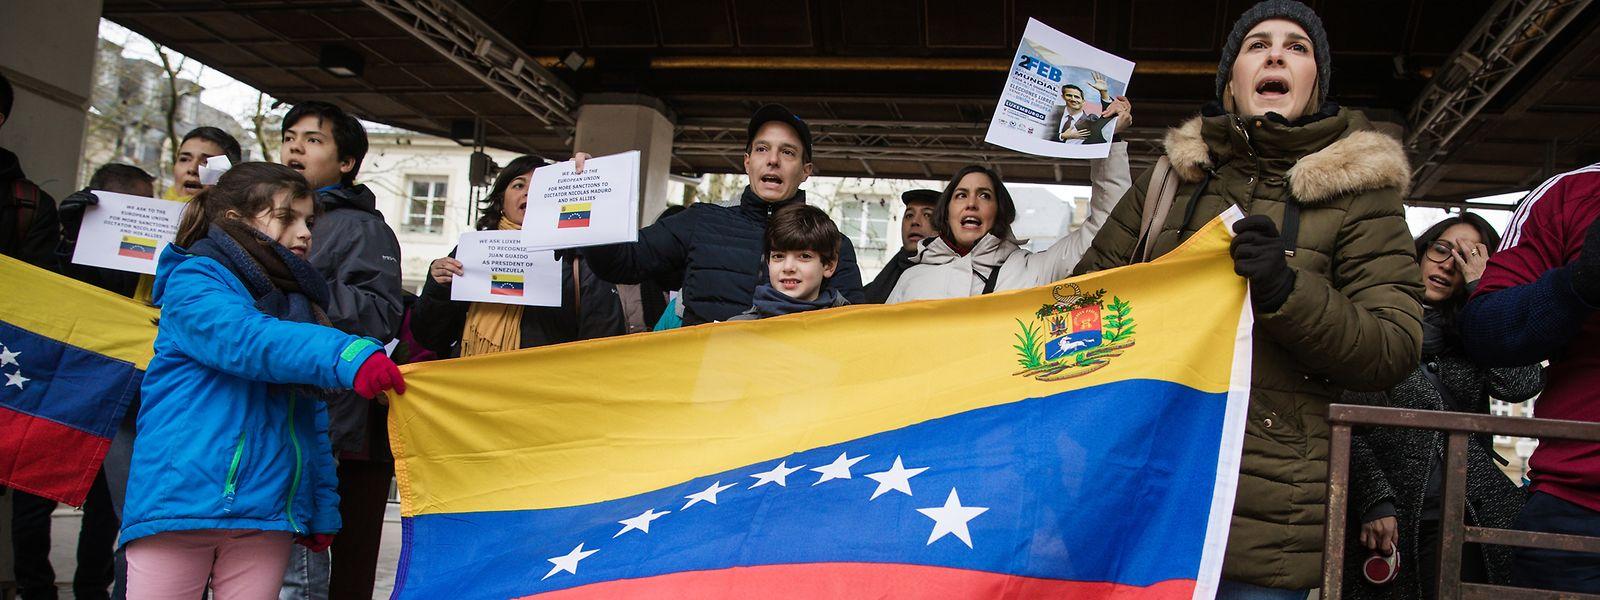 Irene Montero, in der weißen Jacke, und ihre Landsleute waren am Samstag dem Appell des Interimspräsidenten Juan Guaidó gefolgt.